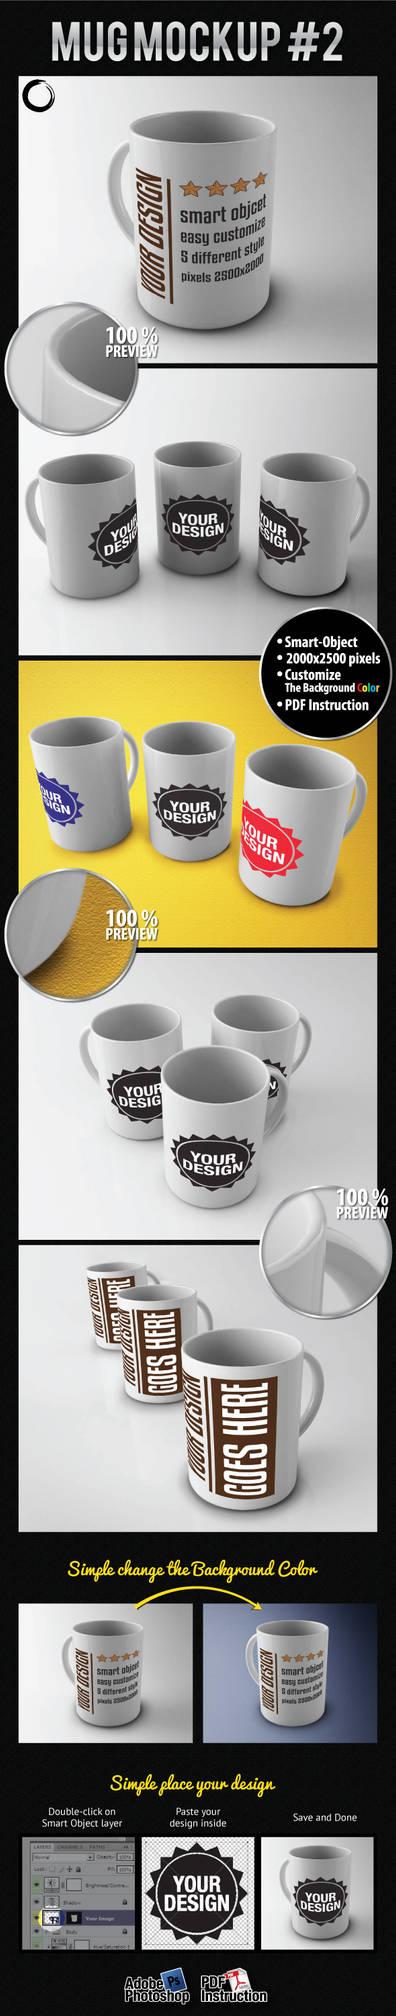 Mug Mockup #2